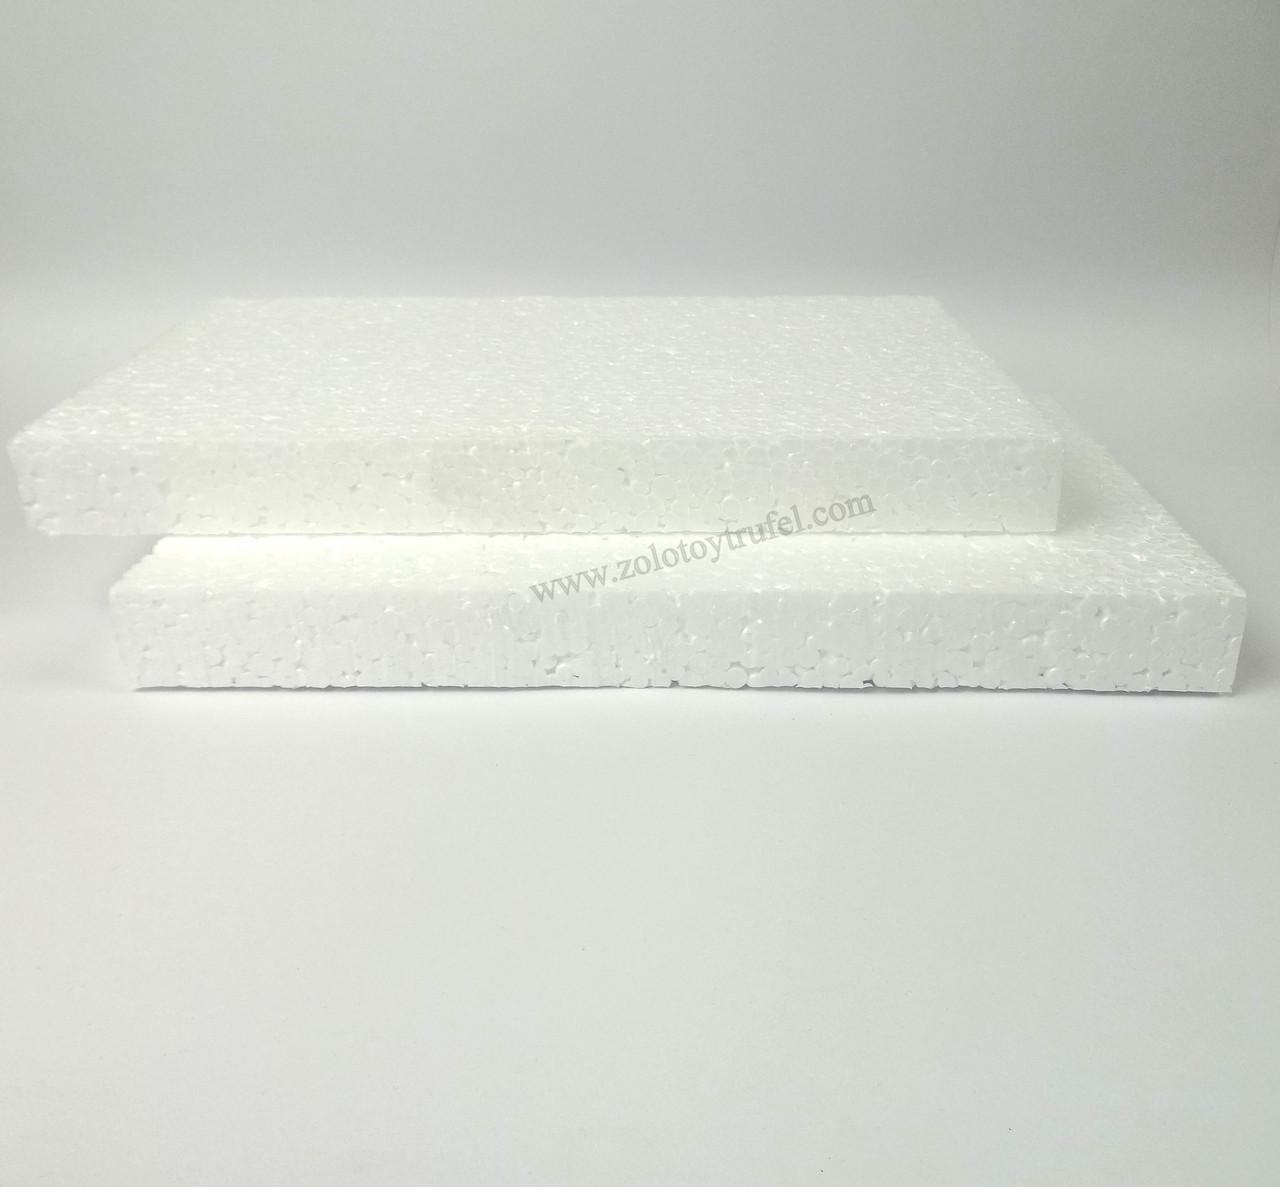 Прослойки пенопластовые для торта 12*12 см h 3 см